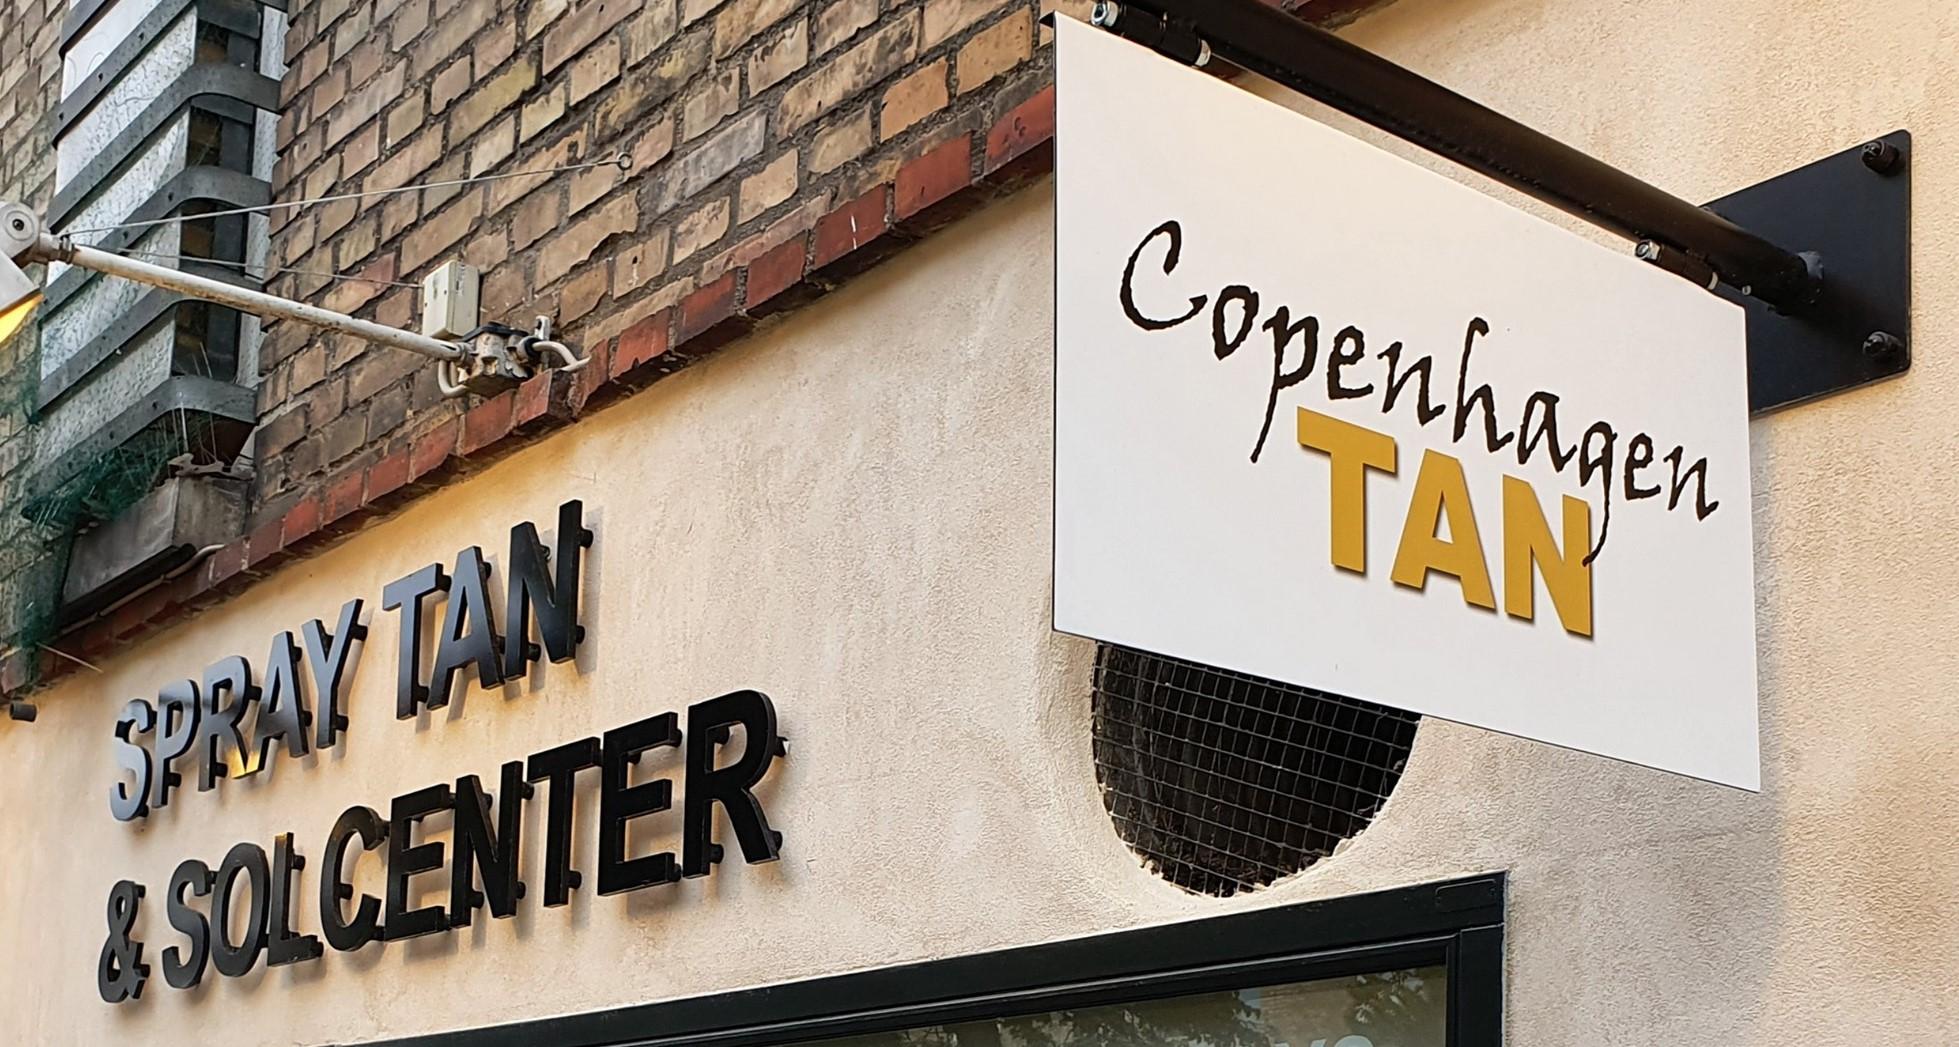 CopenhagenTANs facade